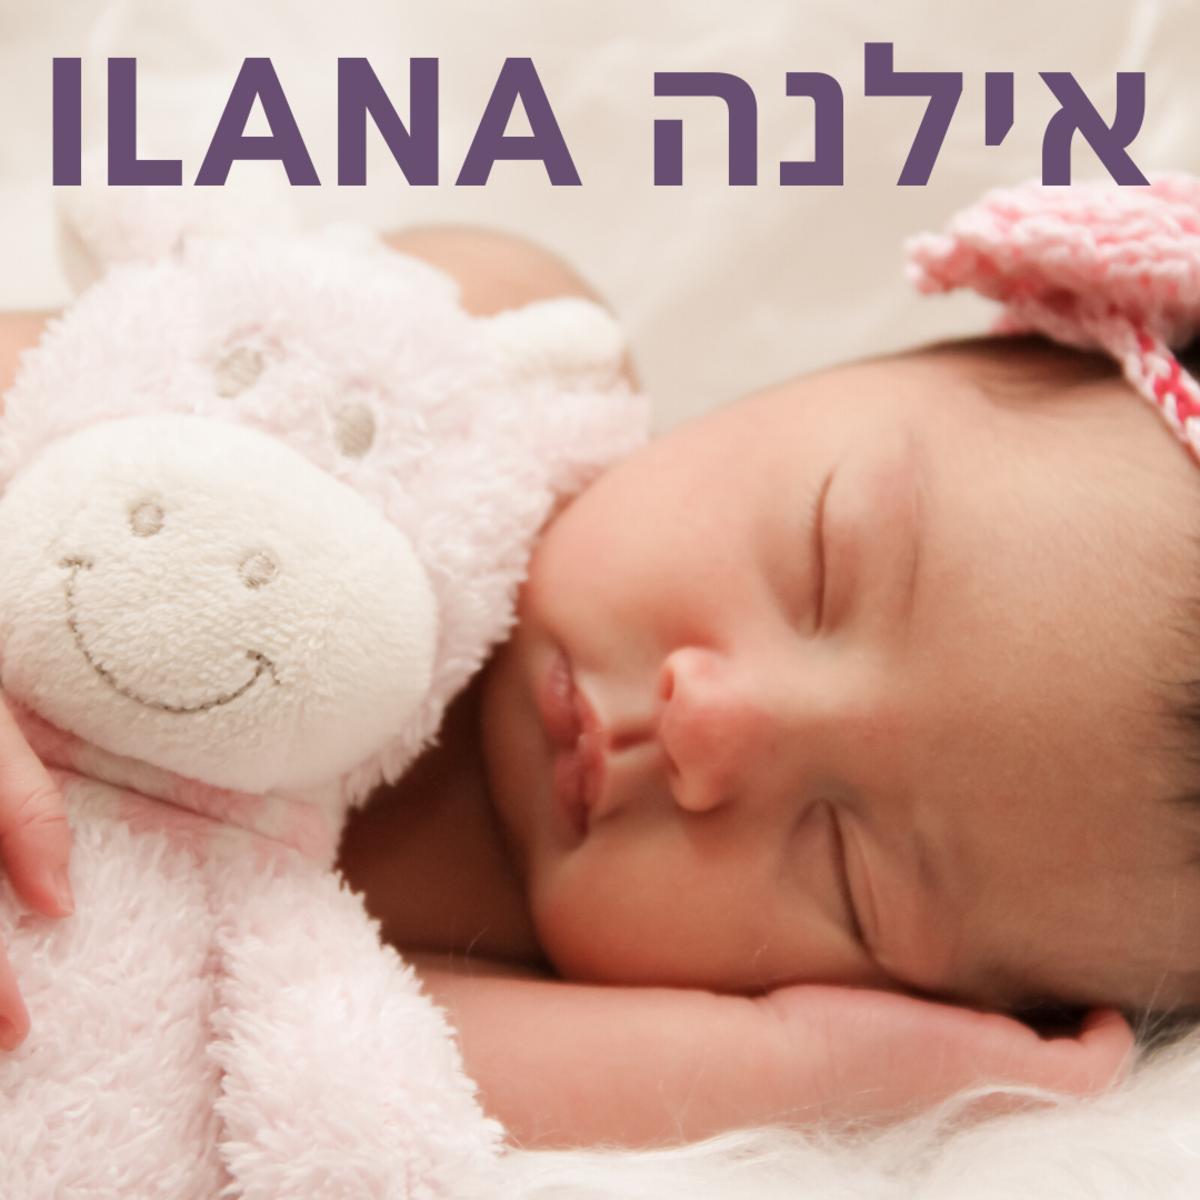 Baby Ilana